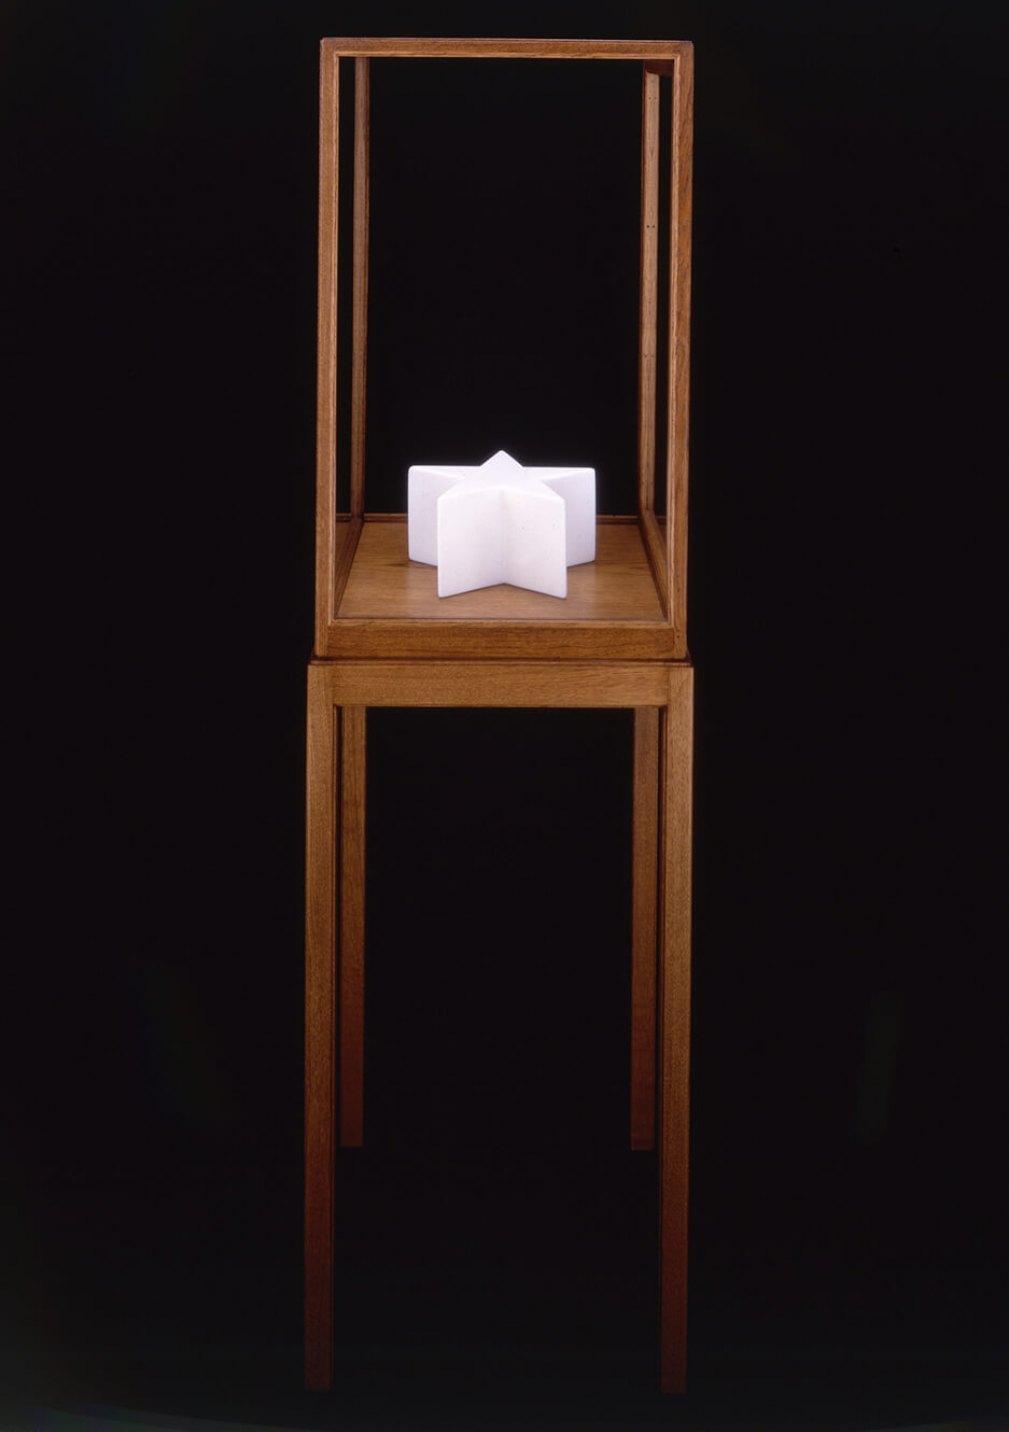 James Lee Byars<em>, The Star Book,</em>1990,marble,13,5 × 27 × 27 cm - Mendes Wood DM